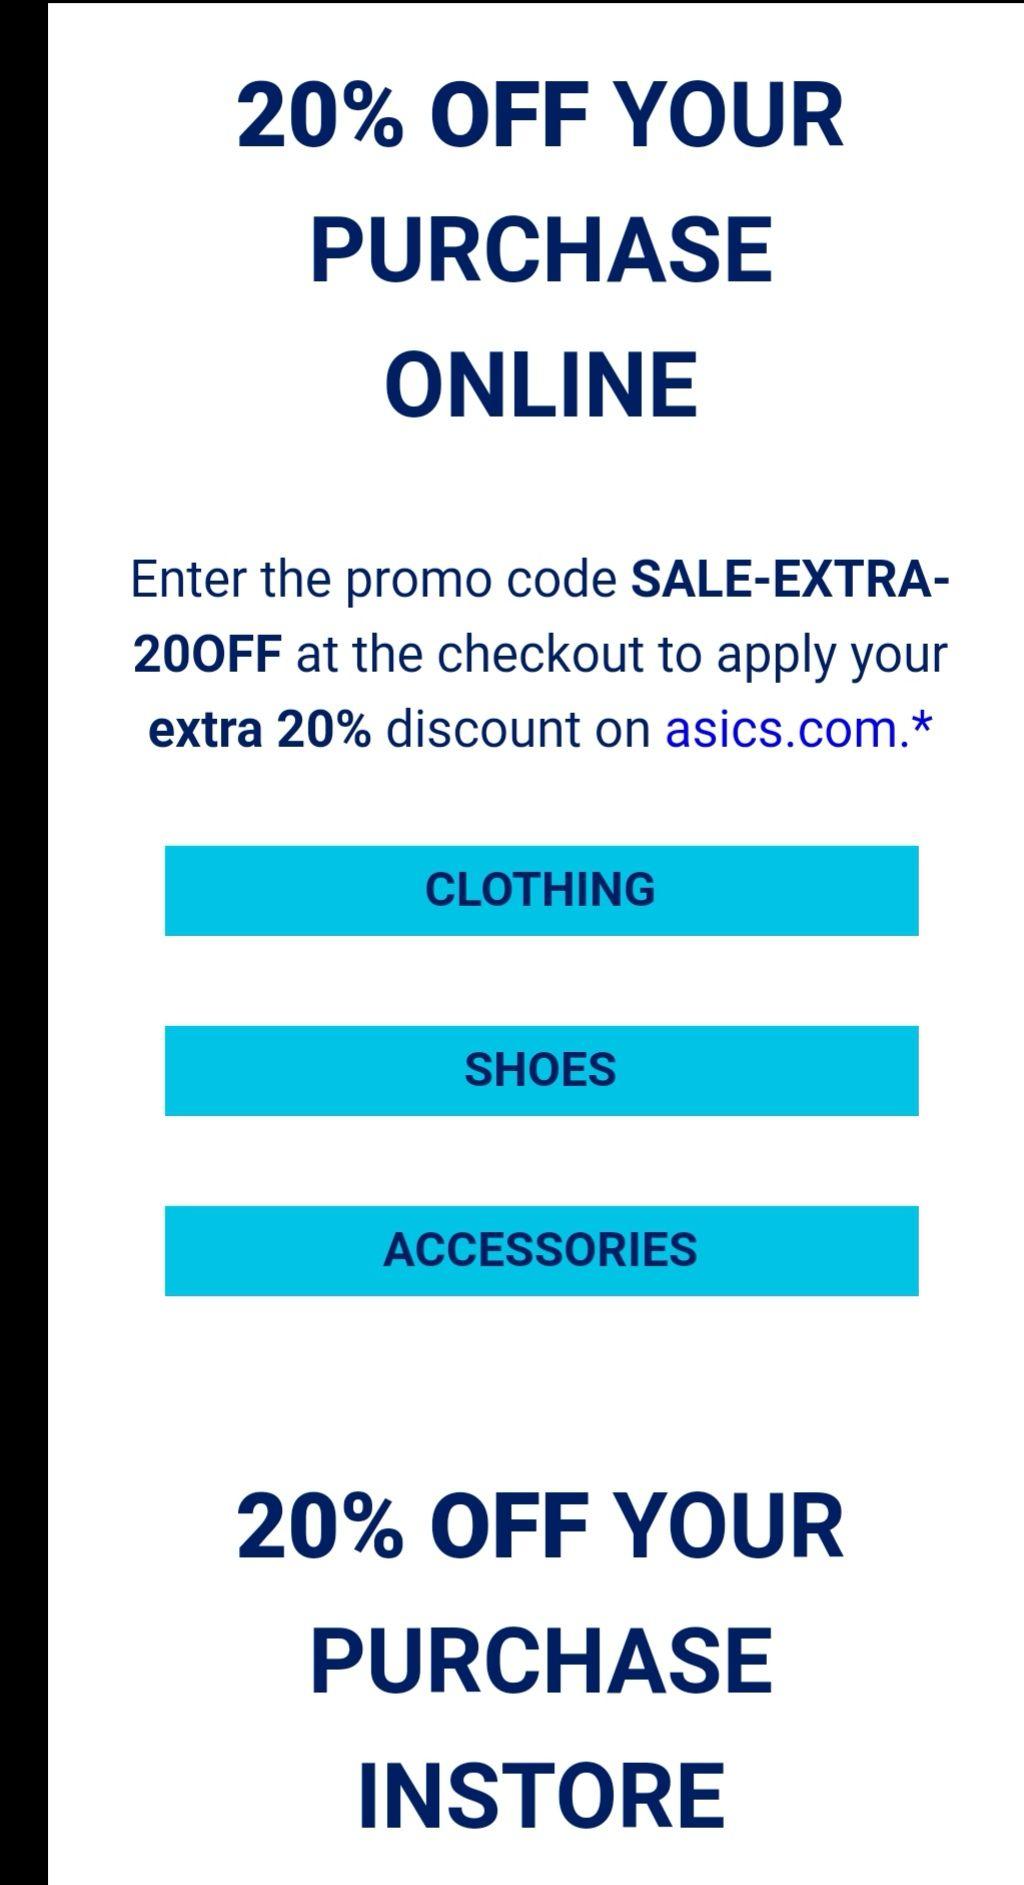 Bei asics gibt es auf Sales Klamotten und Zubehör nochmal 20 % Rabatt